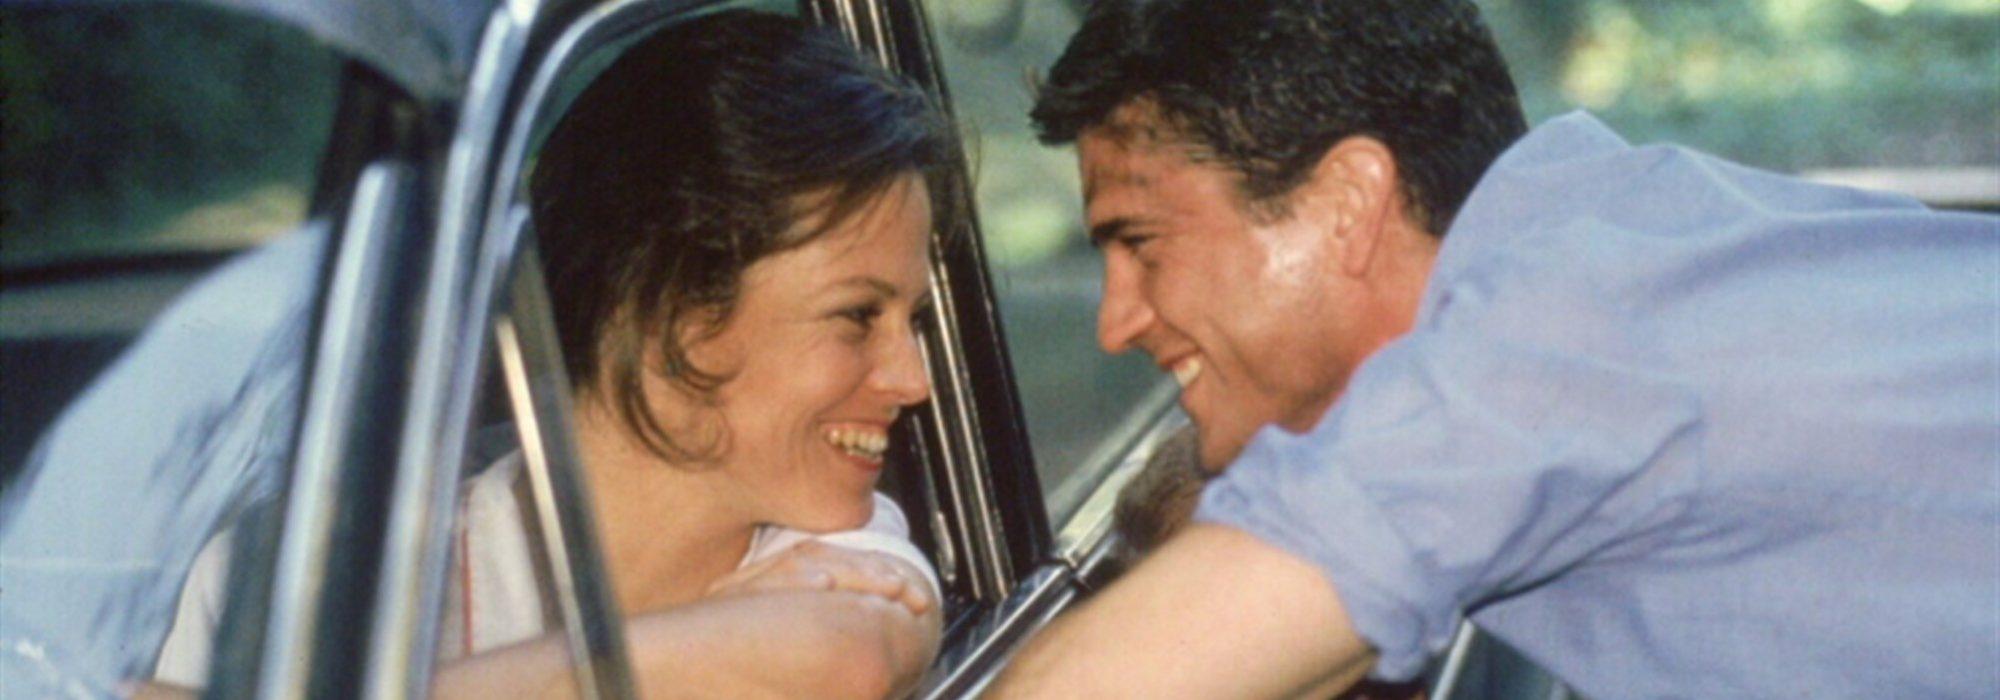 Imagem: cena do filme O Ano que Vivemos em Perigo (1982)